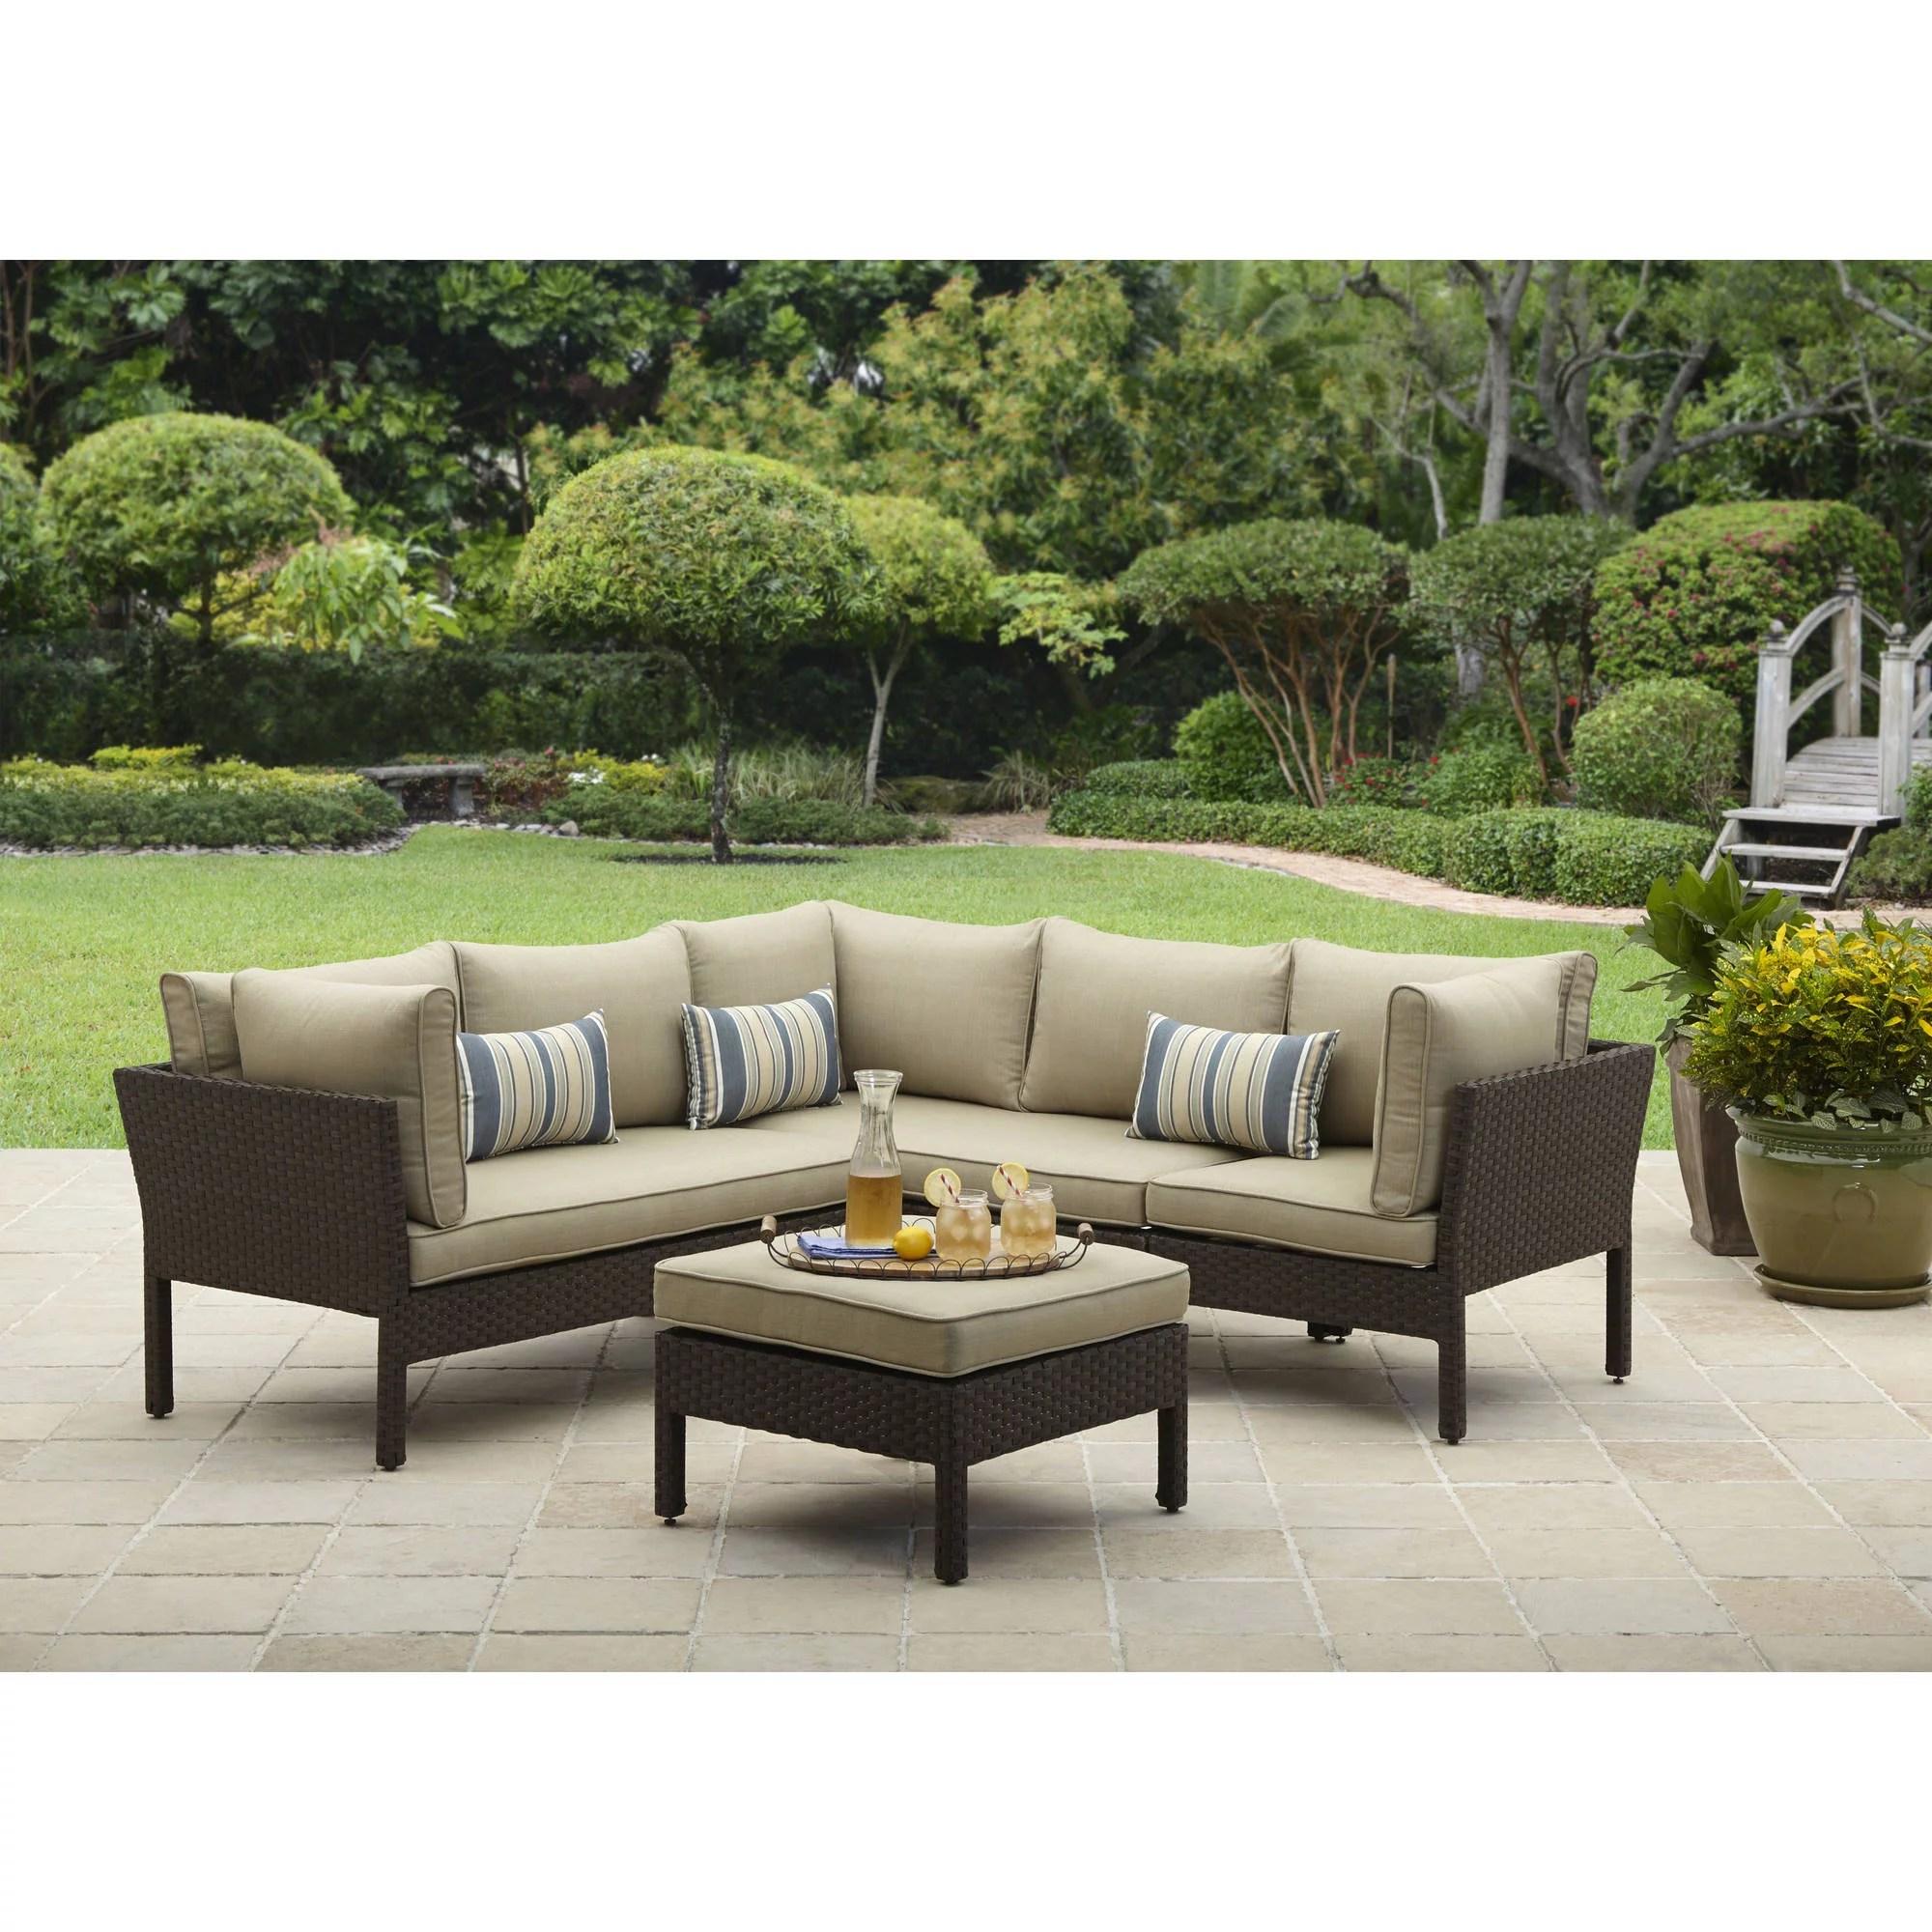 better homes gardens avila beach 4 piece wicker patio furniture sectional set with pillows walmart com